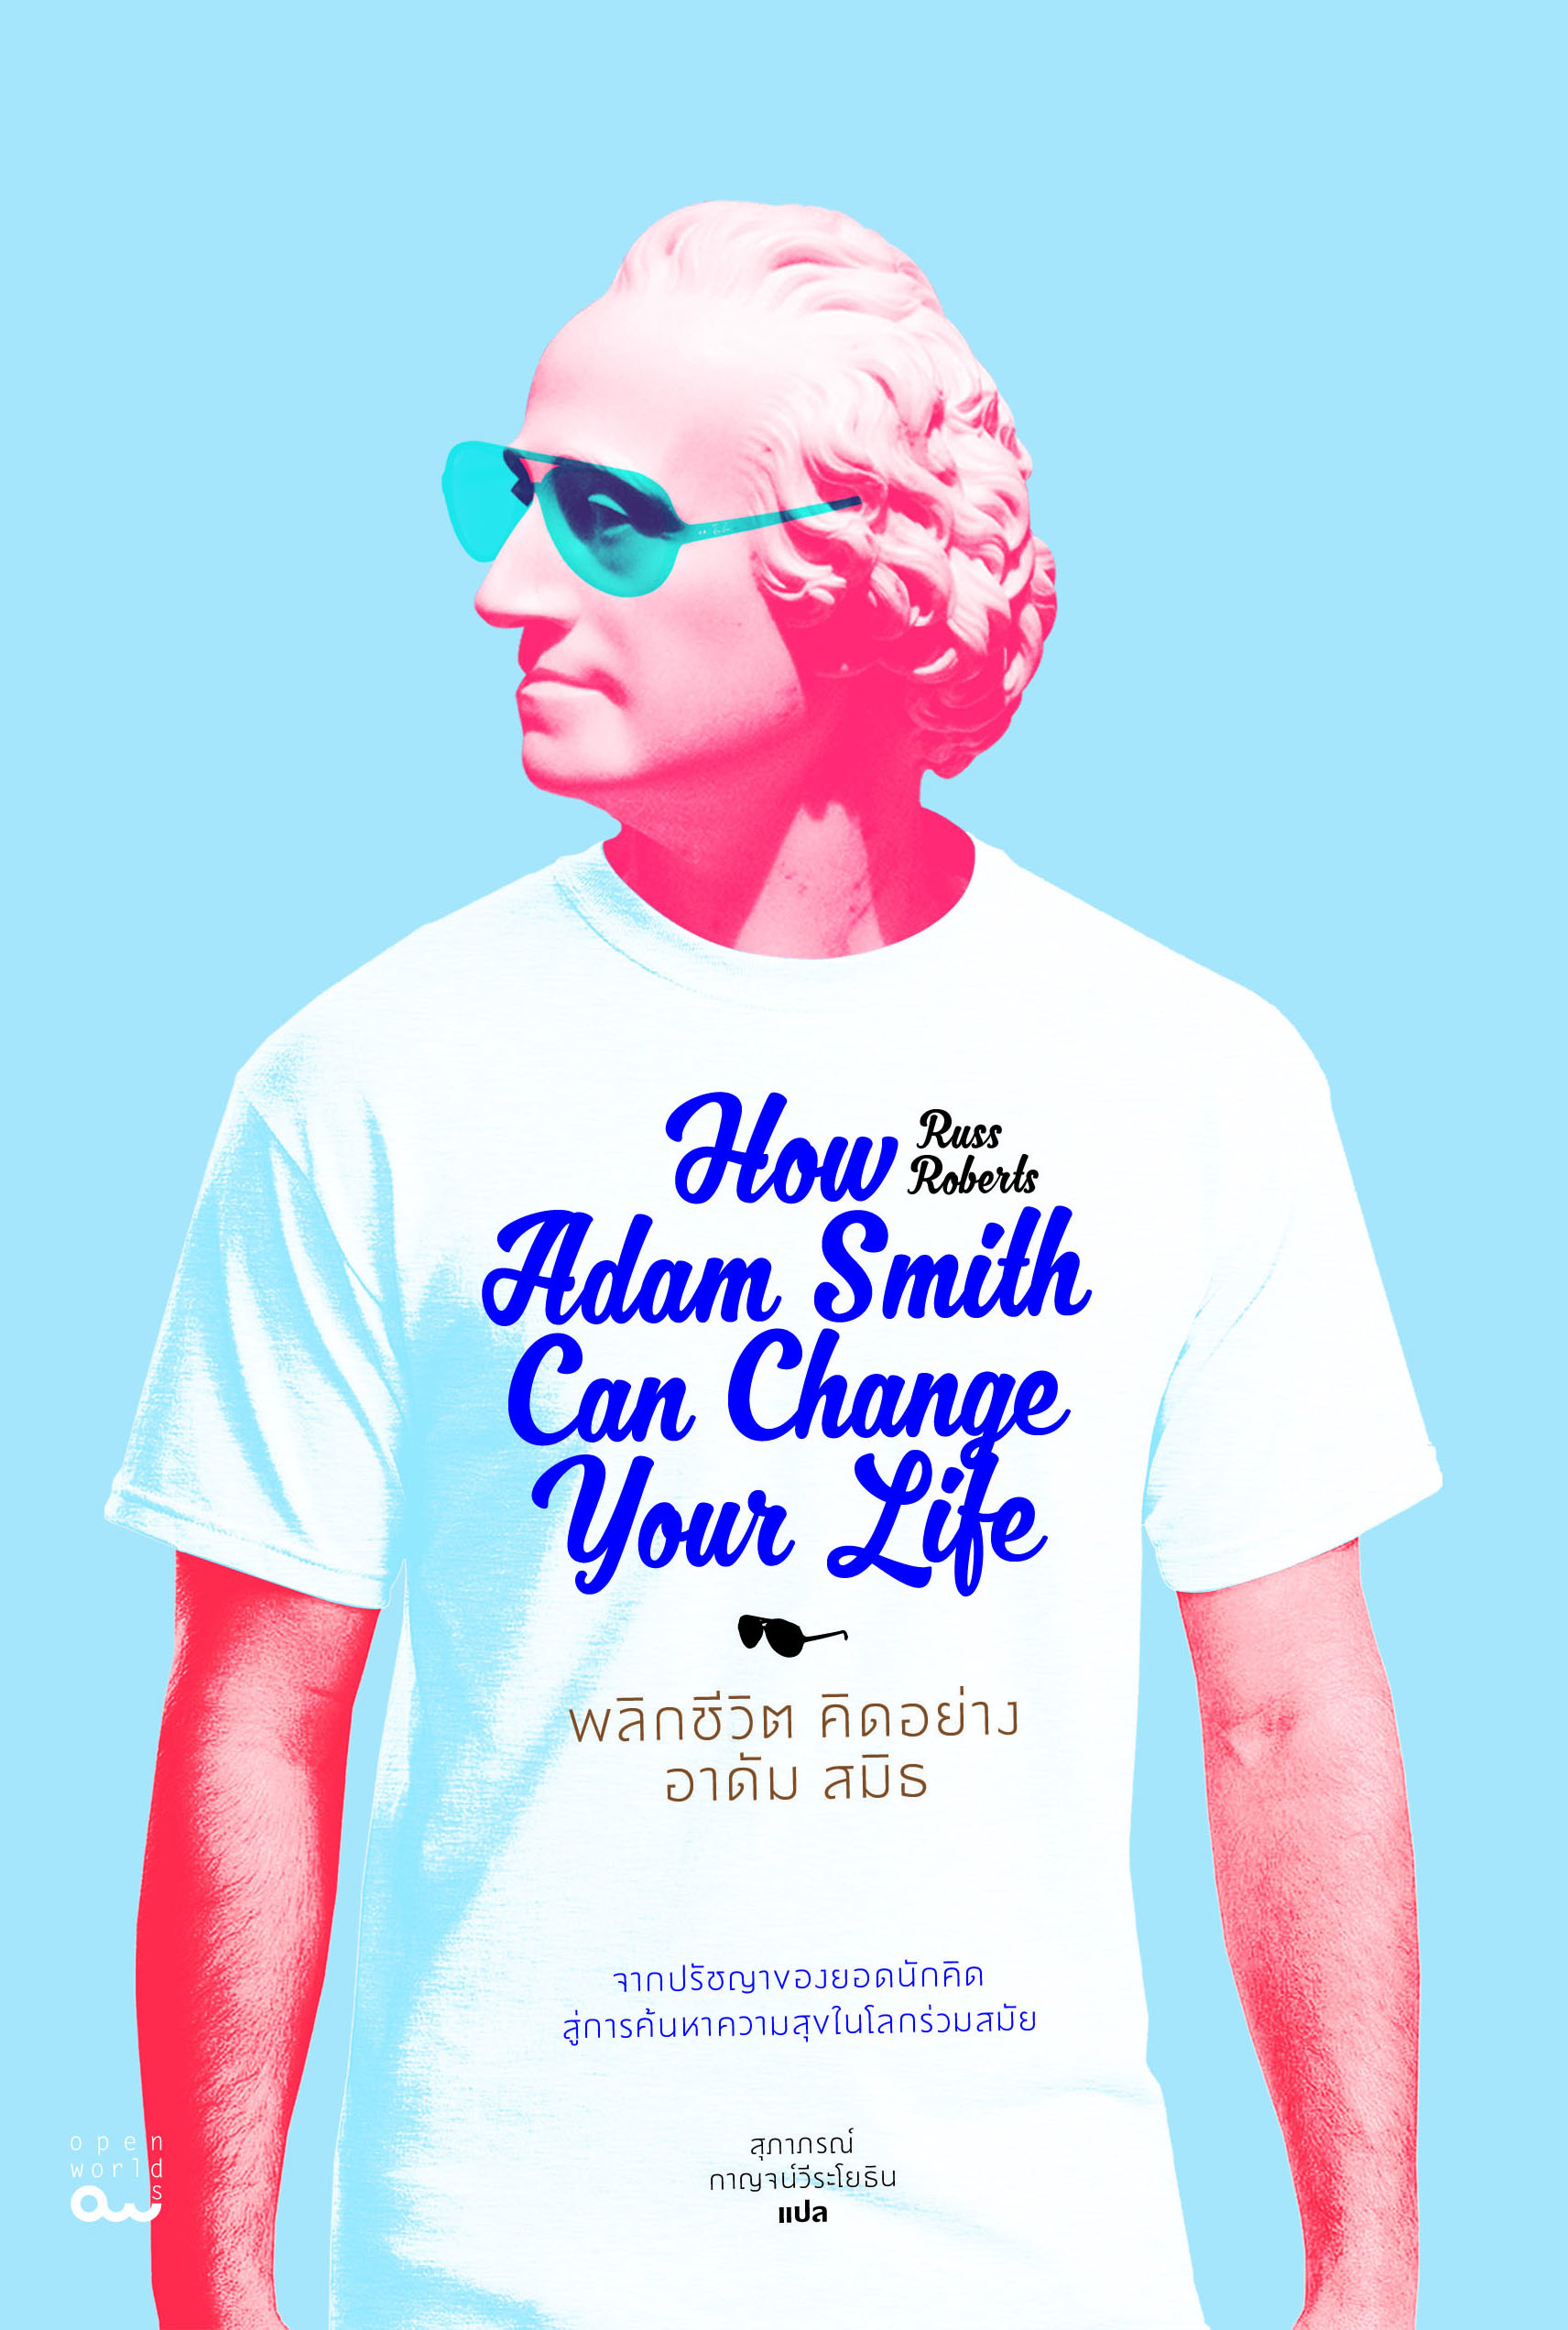 พลิกชีวิต คิดอย่าง อาดัม สมิธ (How Adam Smith Can Change Your Life)